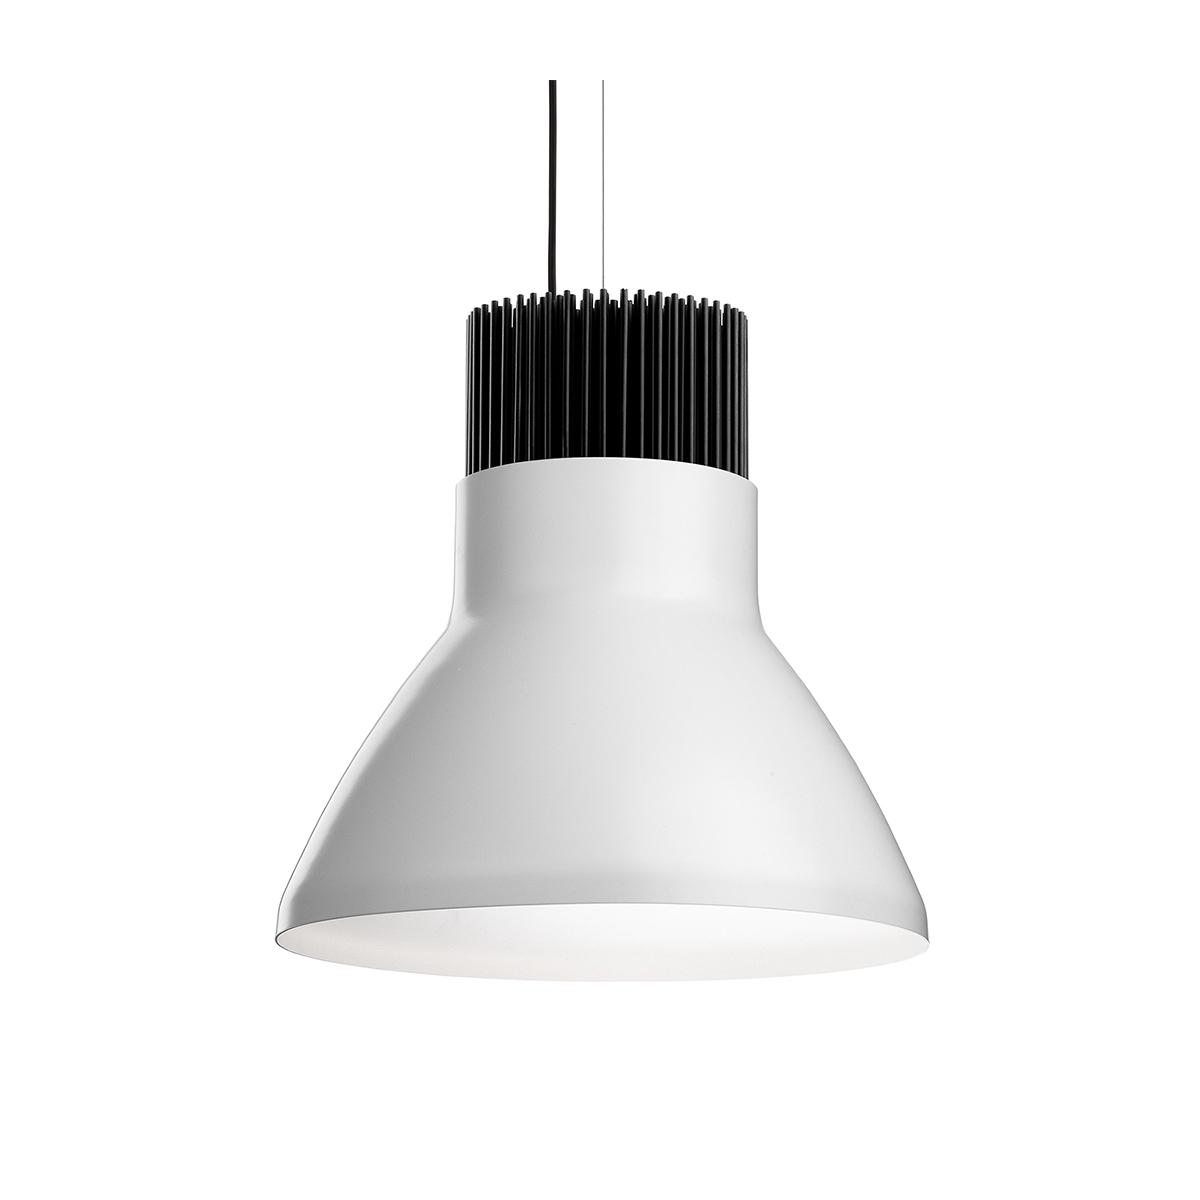 FLOS LIGHT BELL WHITE